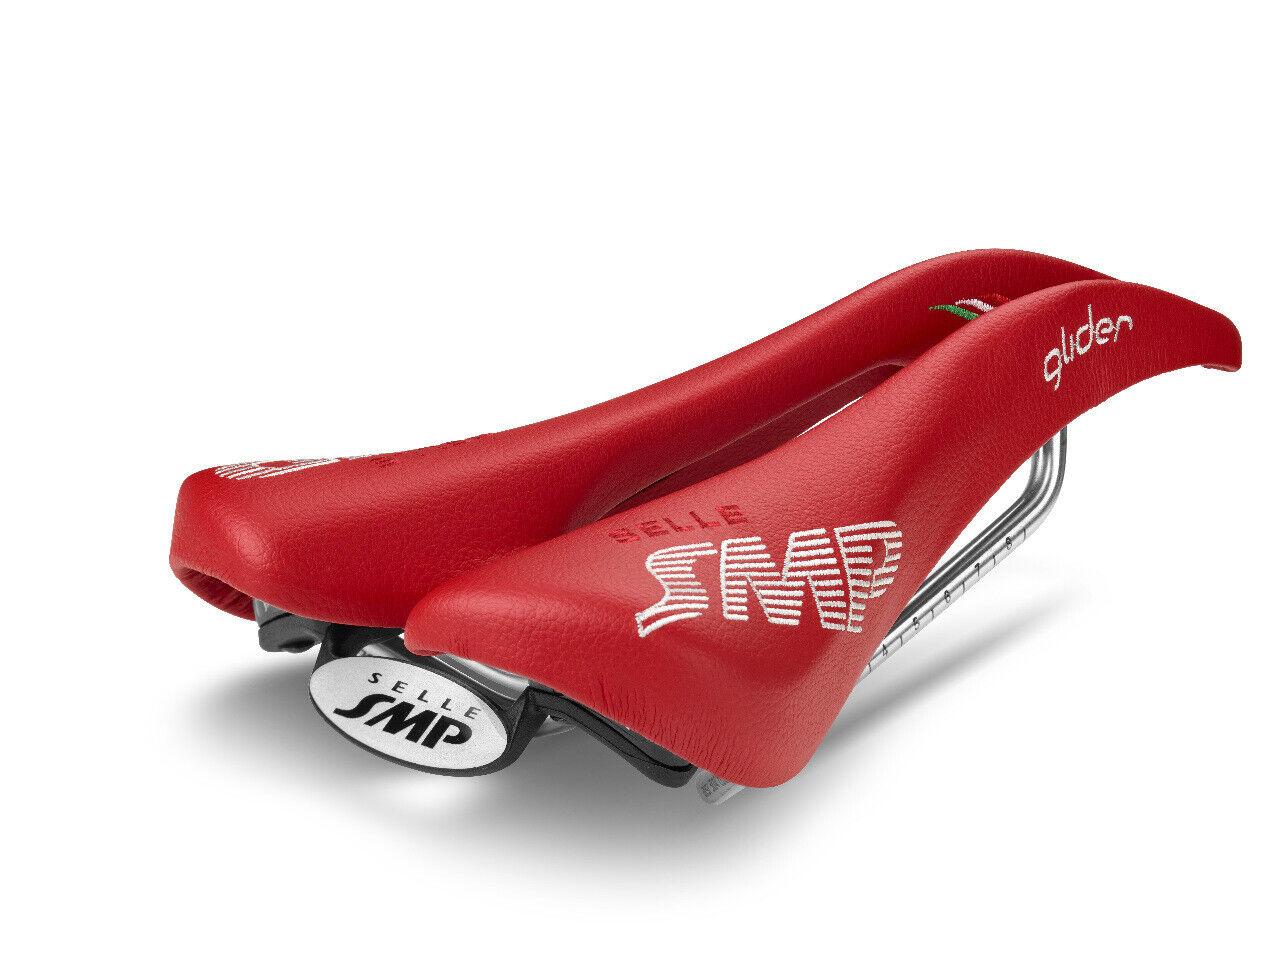 Selle SMP  Glider bicicletta Saddle Seat  rosso .  .  . fatto in